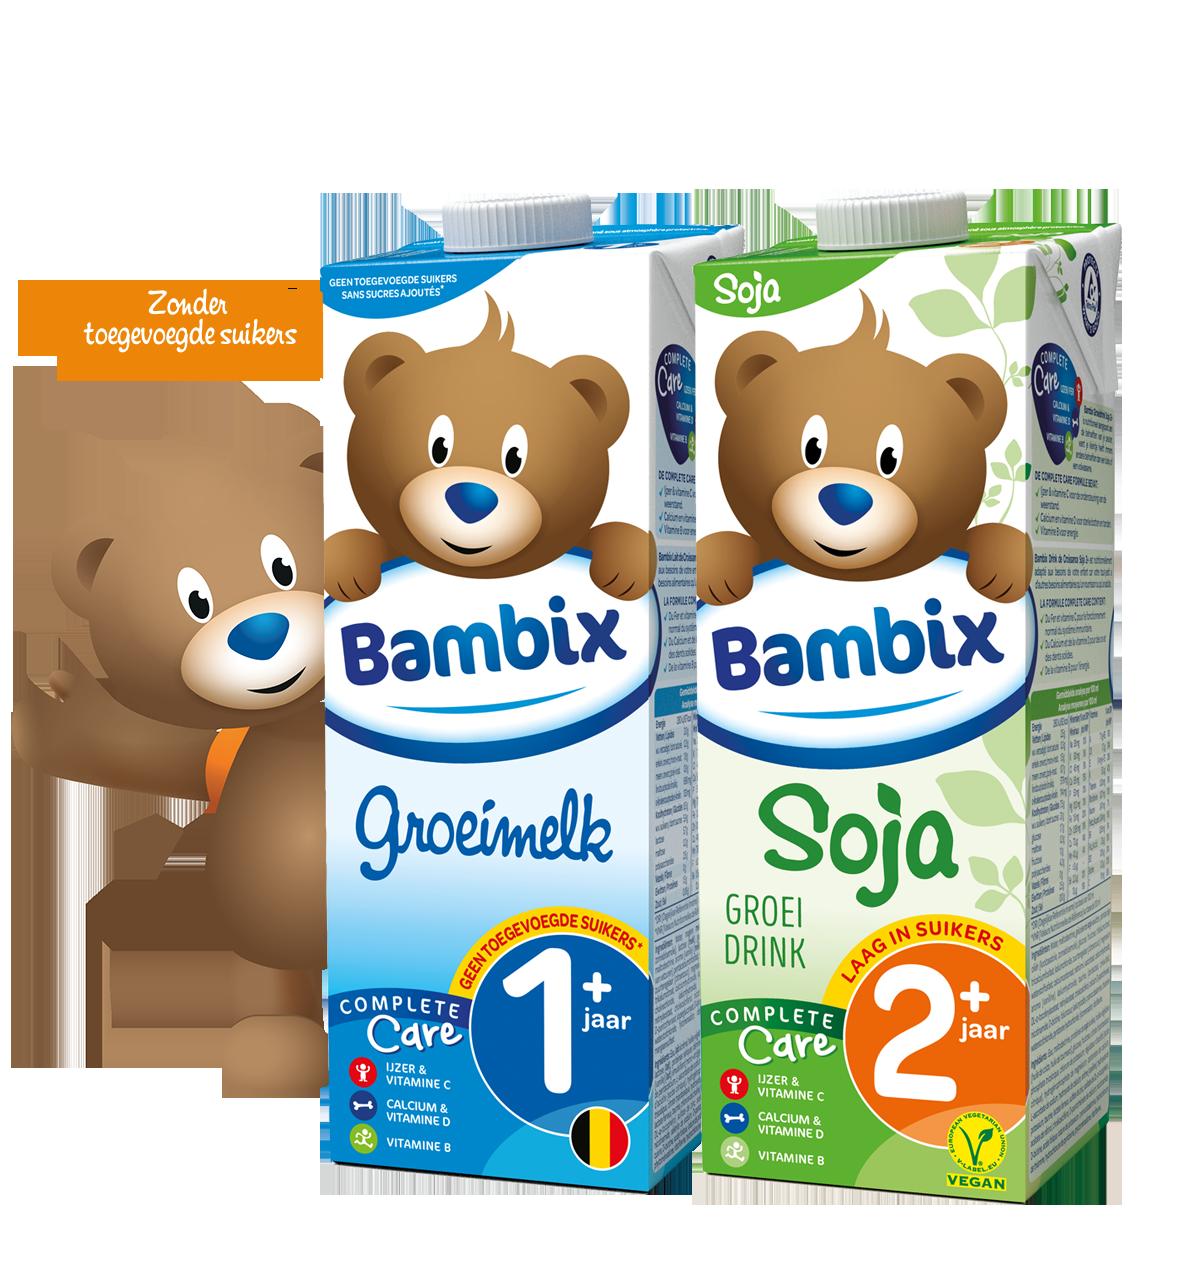 Bambix assortiment zonder toegevoegde suikers